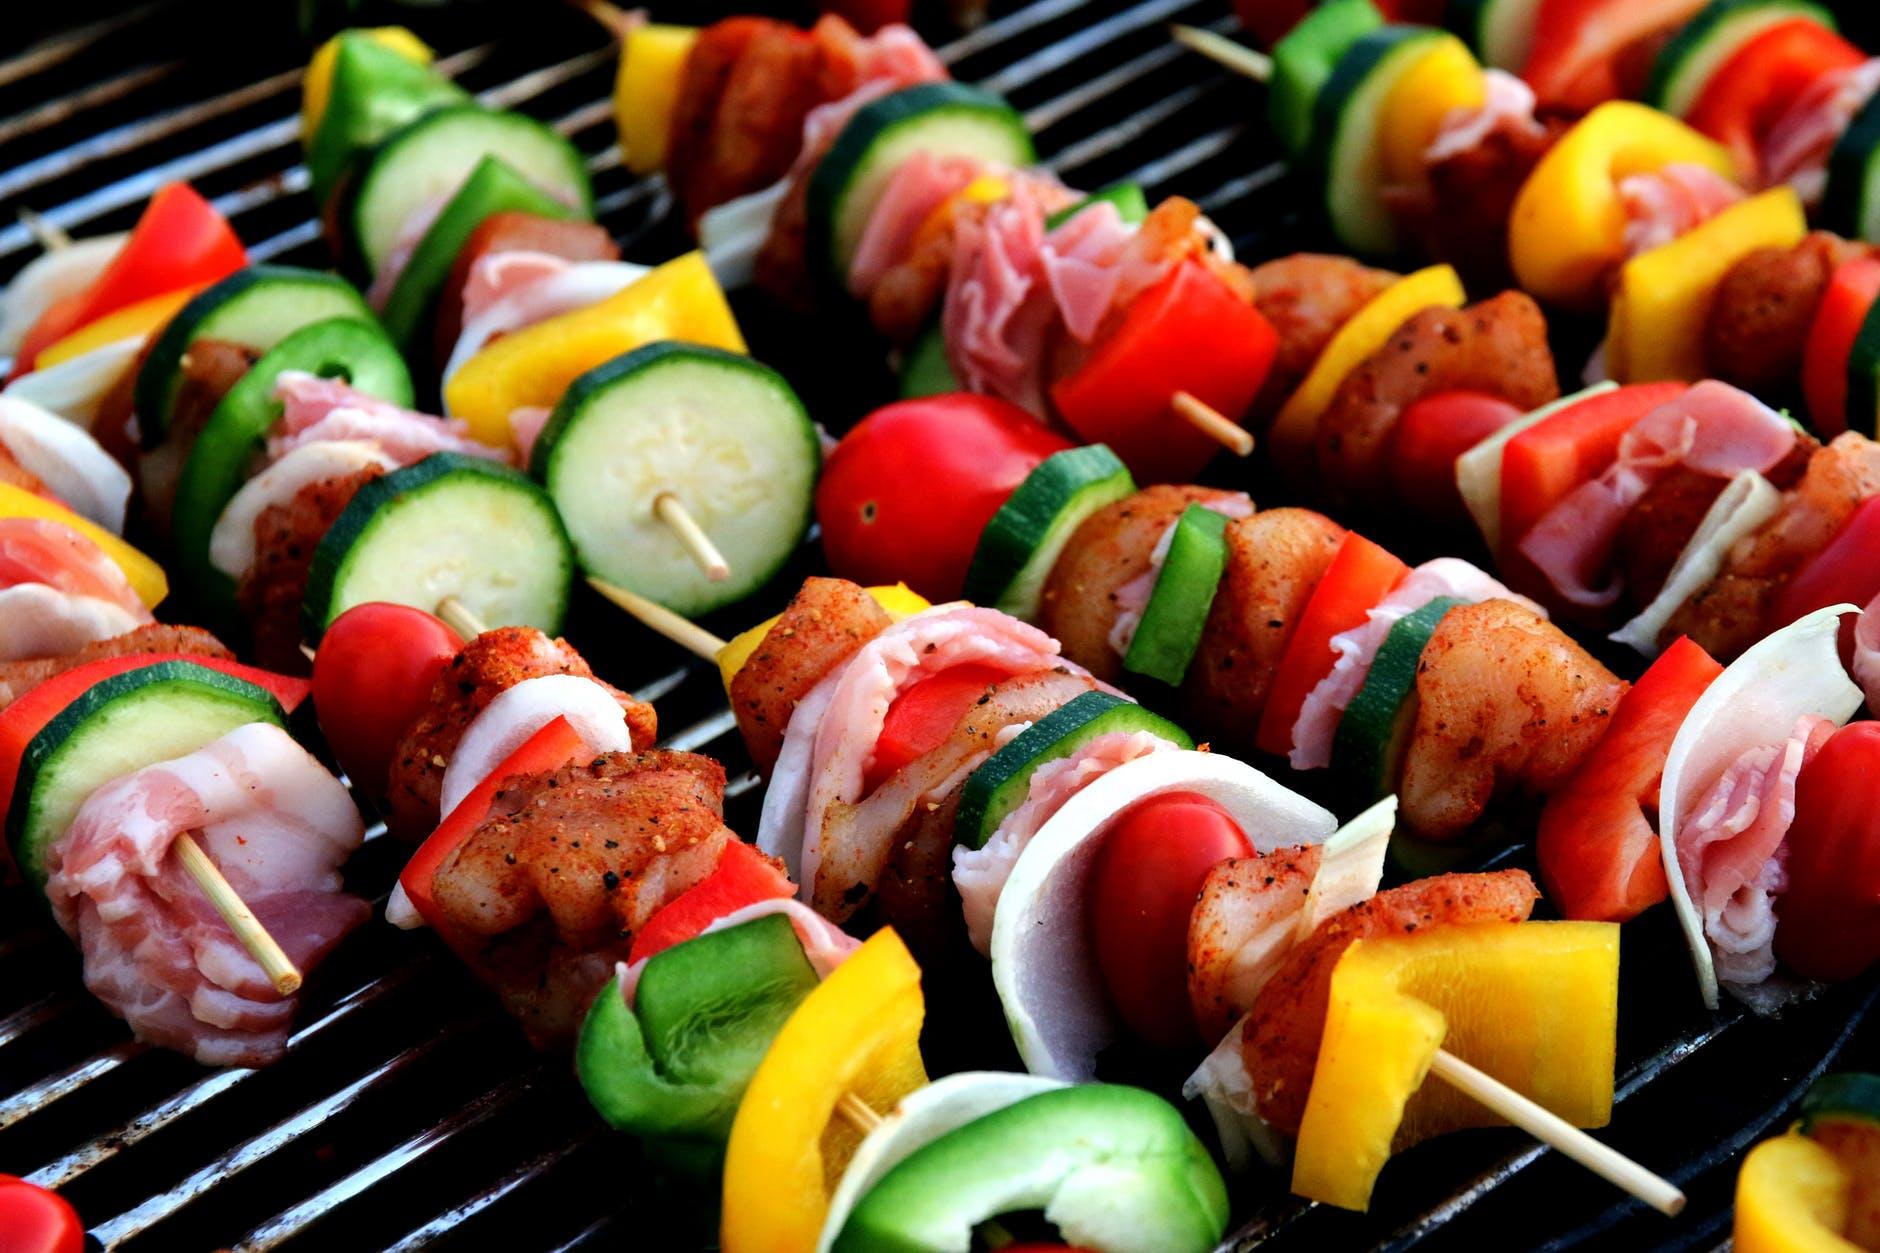 shish-kebab-meat-skewer-vegetable-skewer-meat-products-53148.jpg